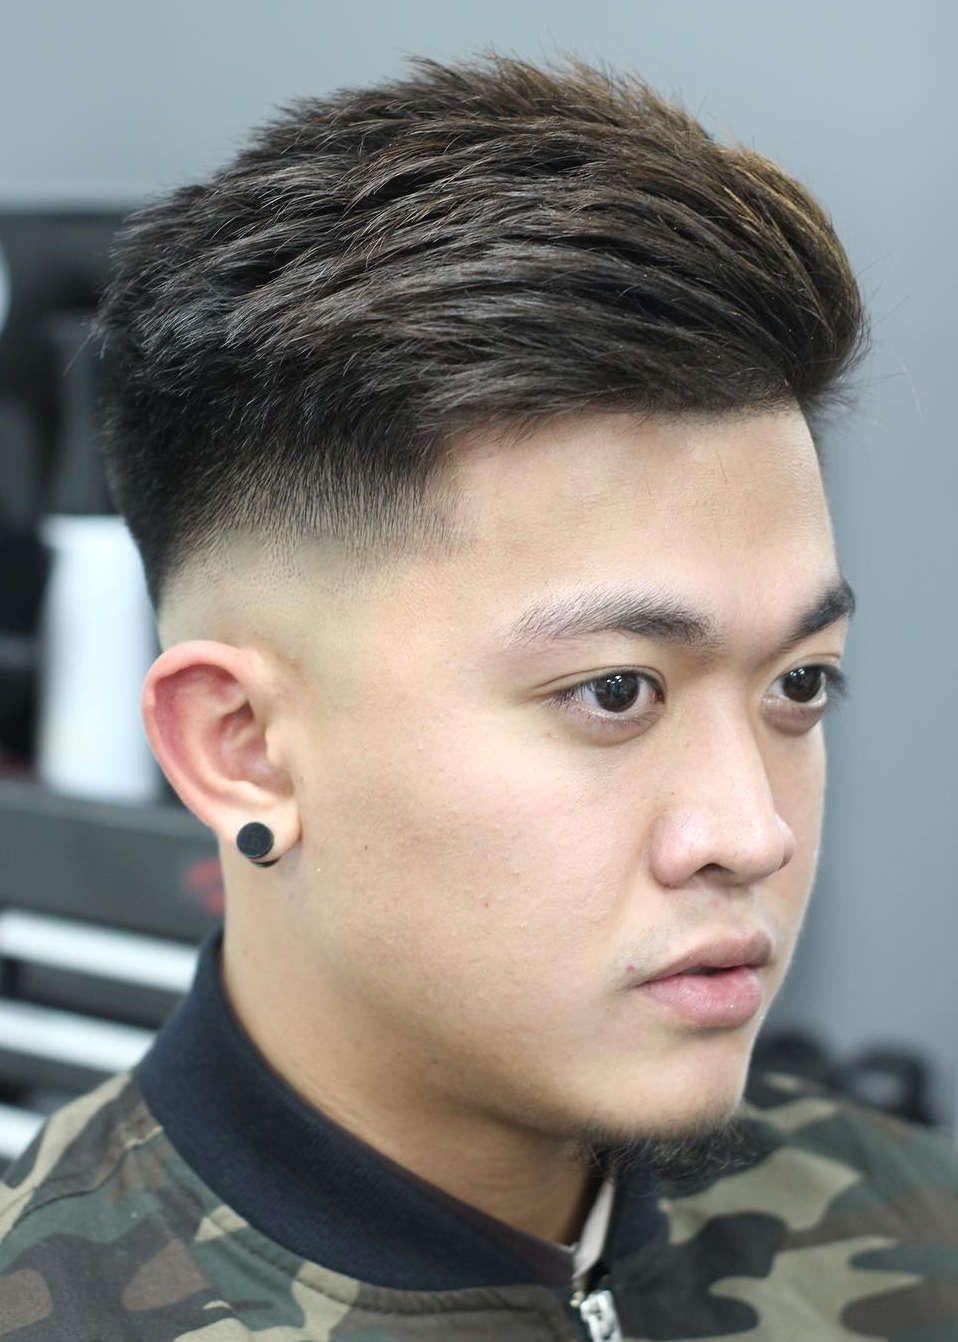 Top 11 Trendy Asian Men Hairstyles 2018 Menshairstyles Asian Men Hairstyle Asian Hair Long Hair Styles Men